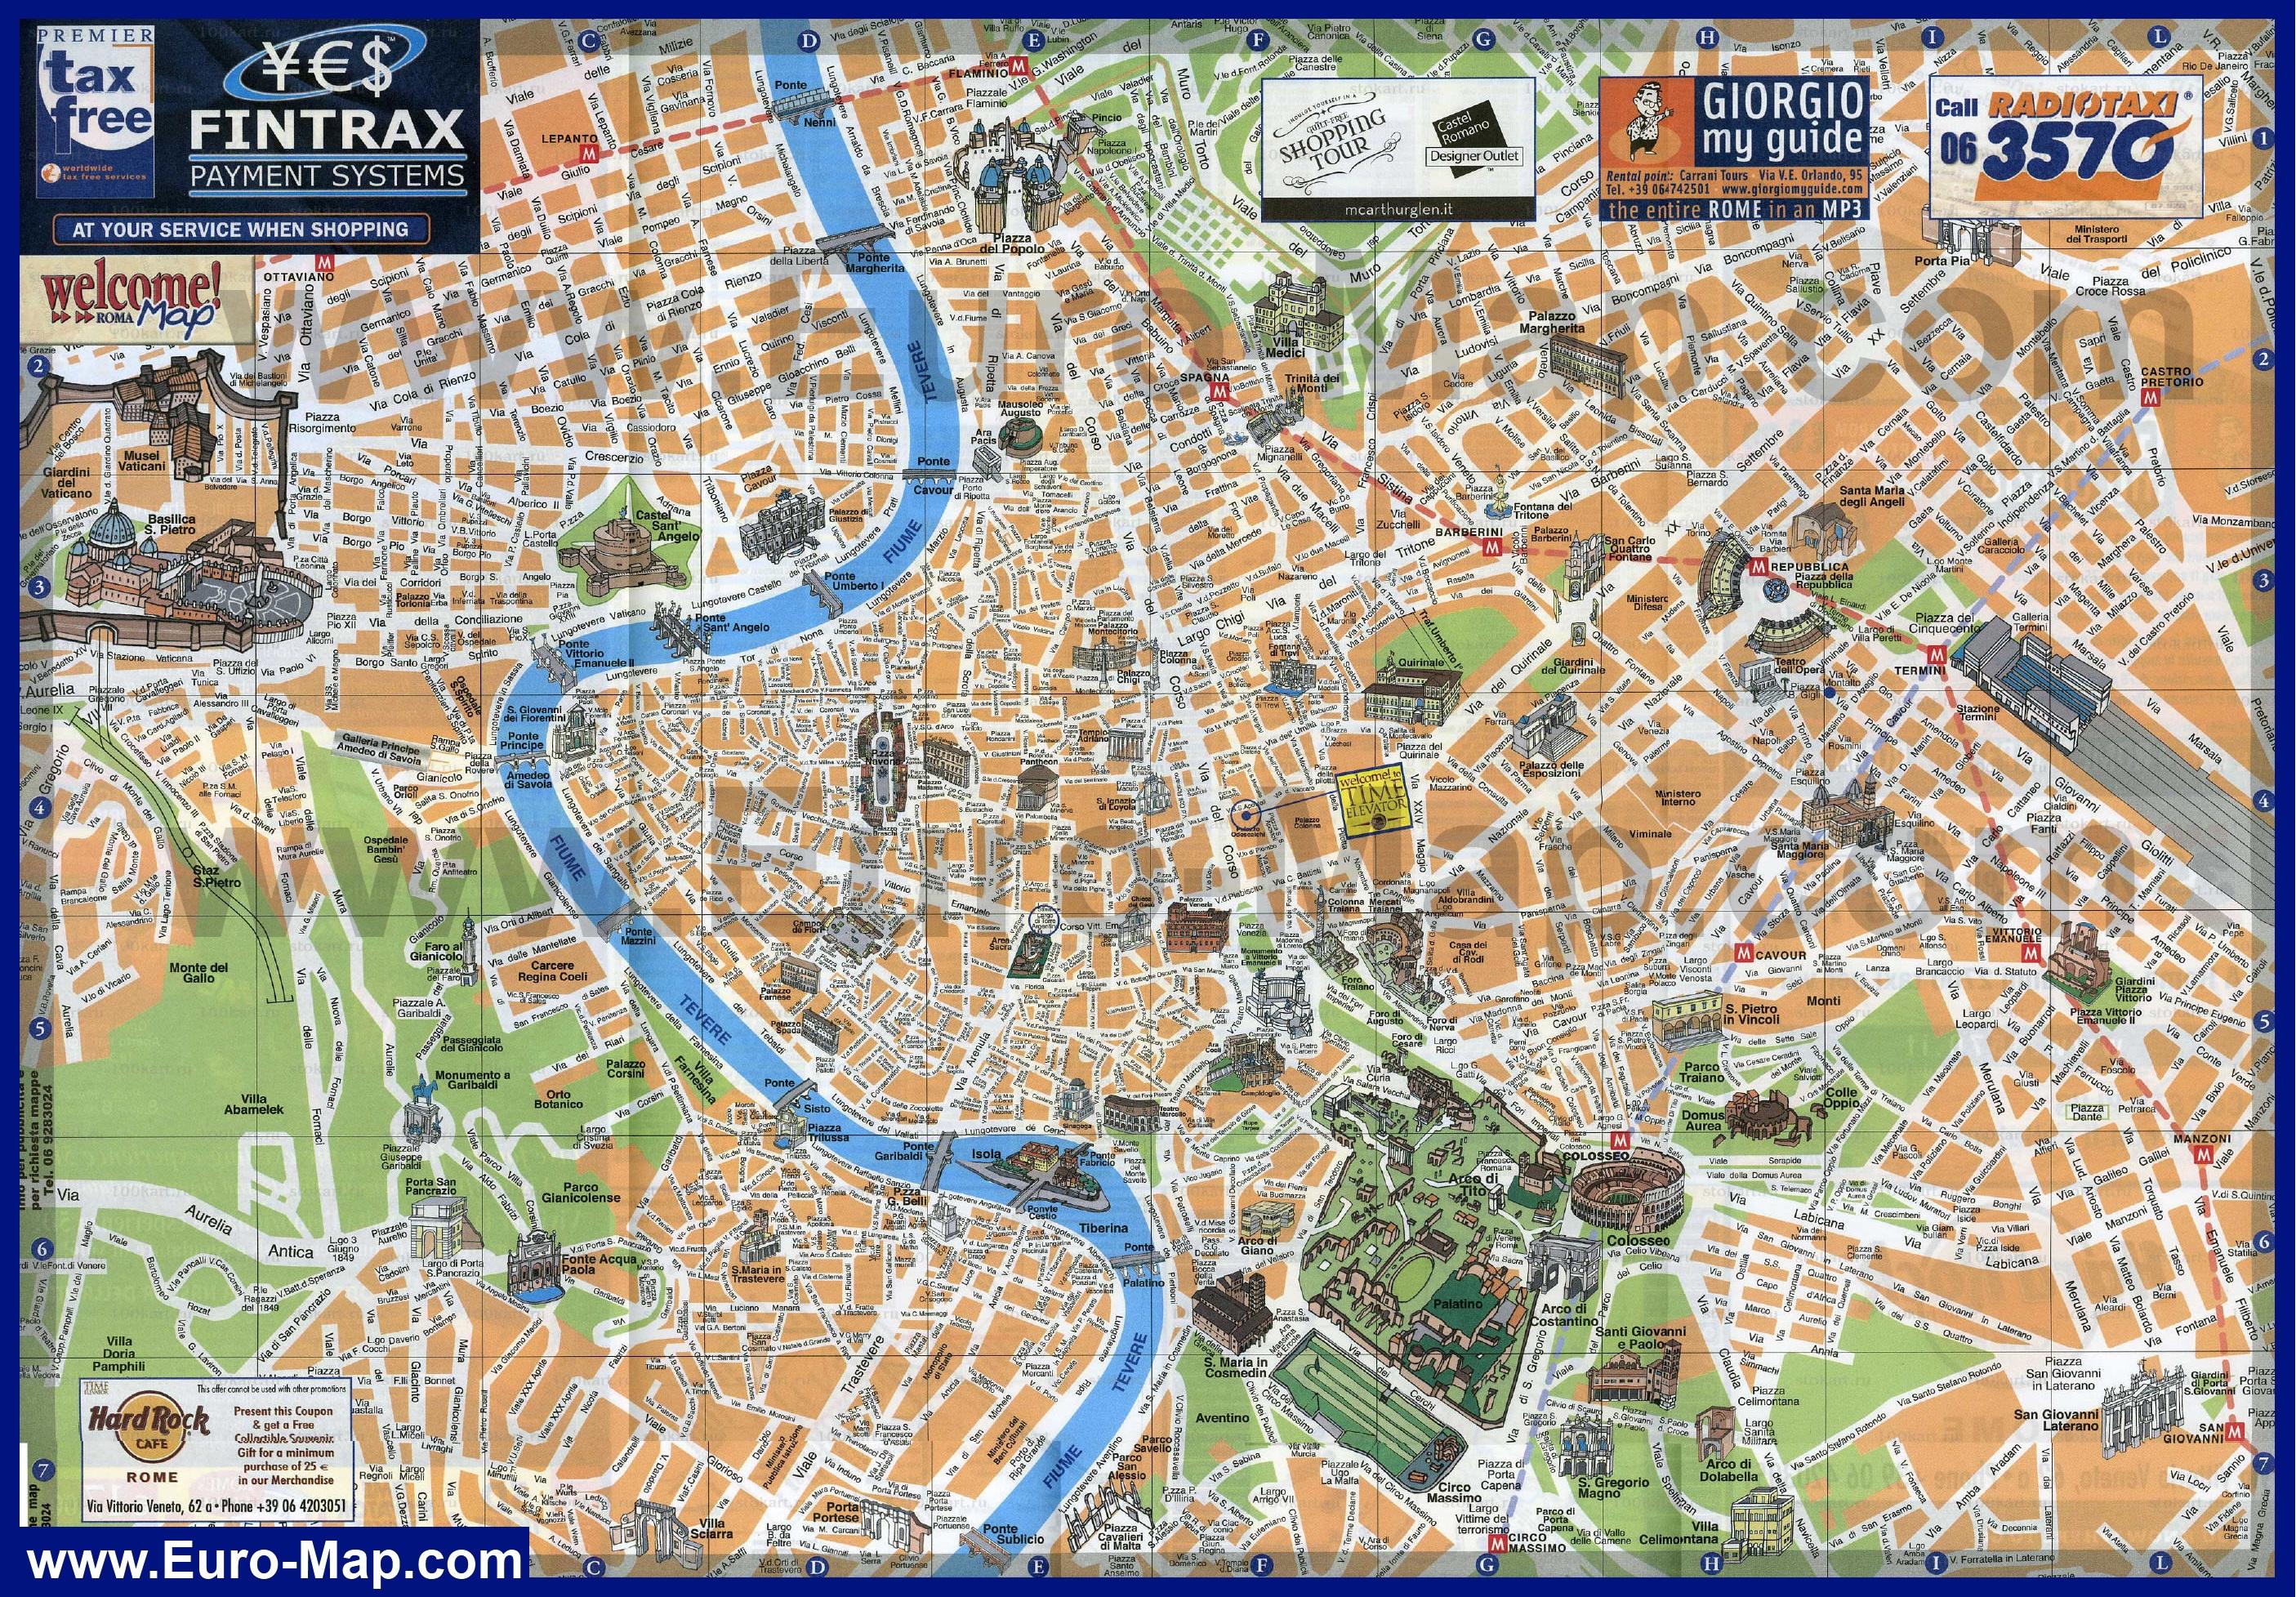 http://euro-map.com/karty-italii/rim/podrobnaya-karta-rima-s-dostoprimechatelnostyami.jpg